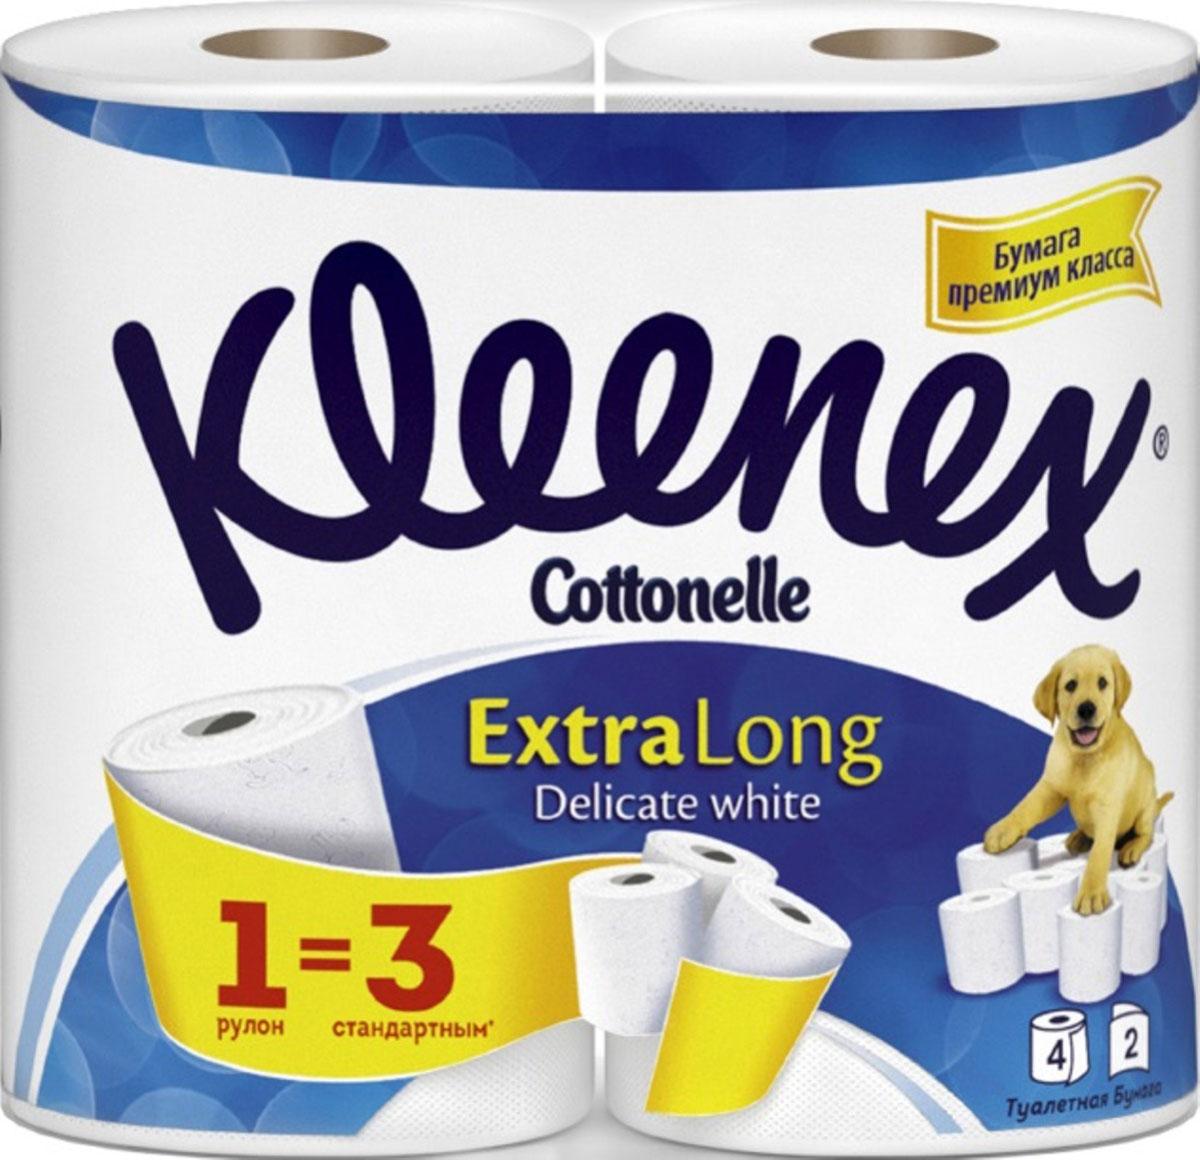 Kleenex Cottonelle Туалетная бумага Extra Long, двухслойная, цвет: белый, 4 рулона. 94500449450044_синяя упаковкаТуалетная бумага Kleenex Cottonelle Extra Long изготовлена из целлюлозы высшего качества. Двухслойные листы белого цвета имеют рисунок с тиснением. Мягкая, нежная, но в тоже время прочная, бумага не расслаивается и отрывается строго по линии перфорации.